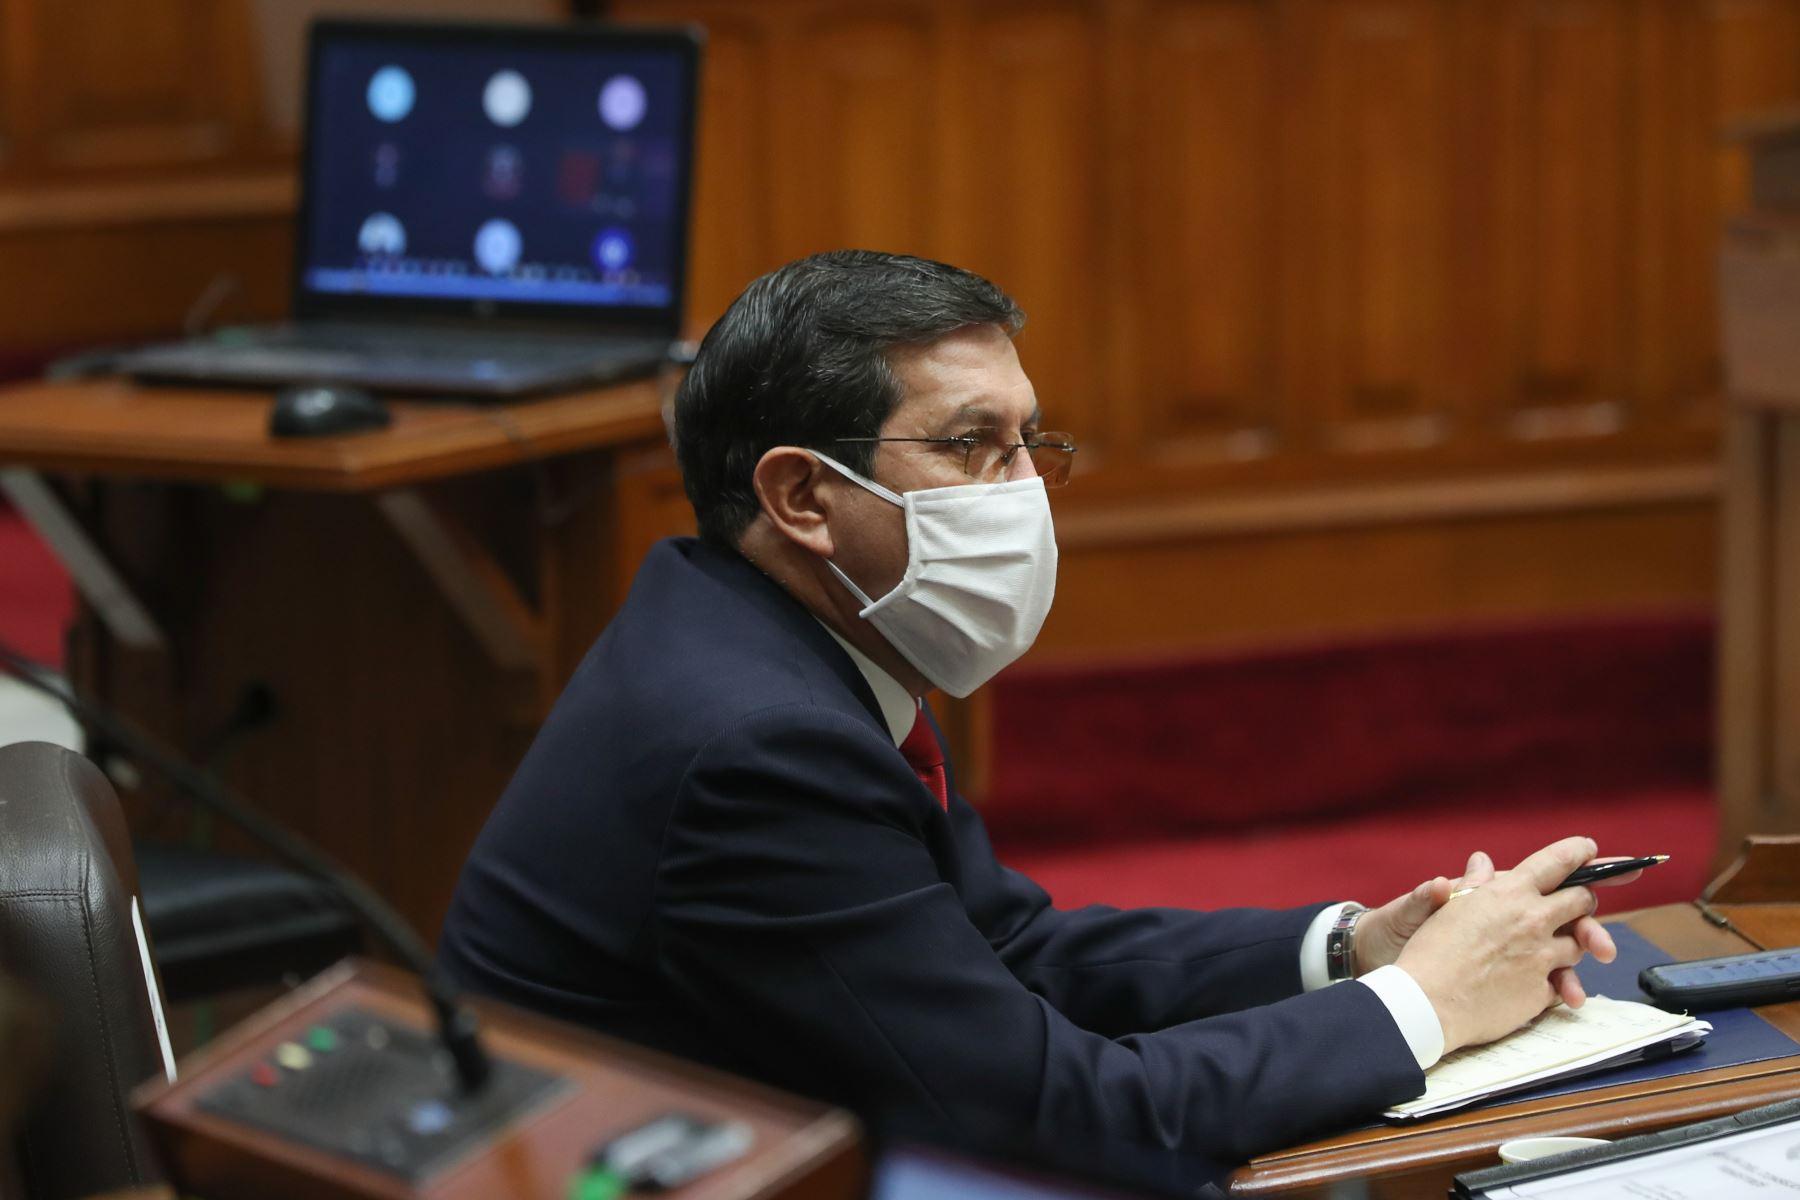 Ministro de Defensa, Jorge Luis Chávez Cresta, se presenta ante Congreso junto a gabinete ministerial para solicitar voto de confianza. Foto: ANDINA/PCM